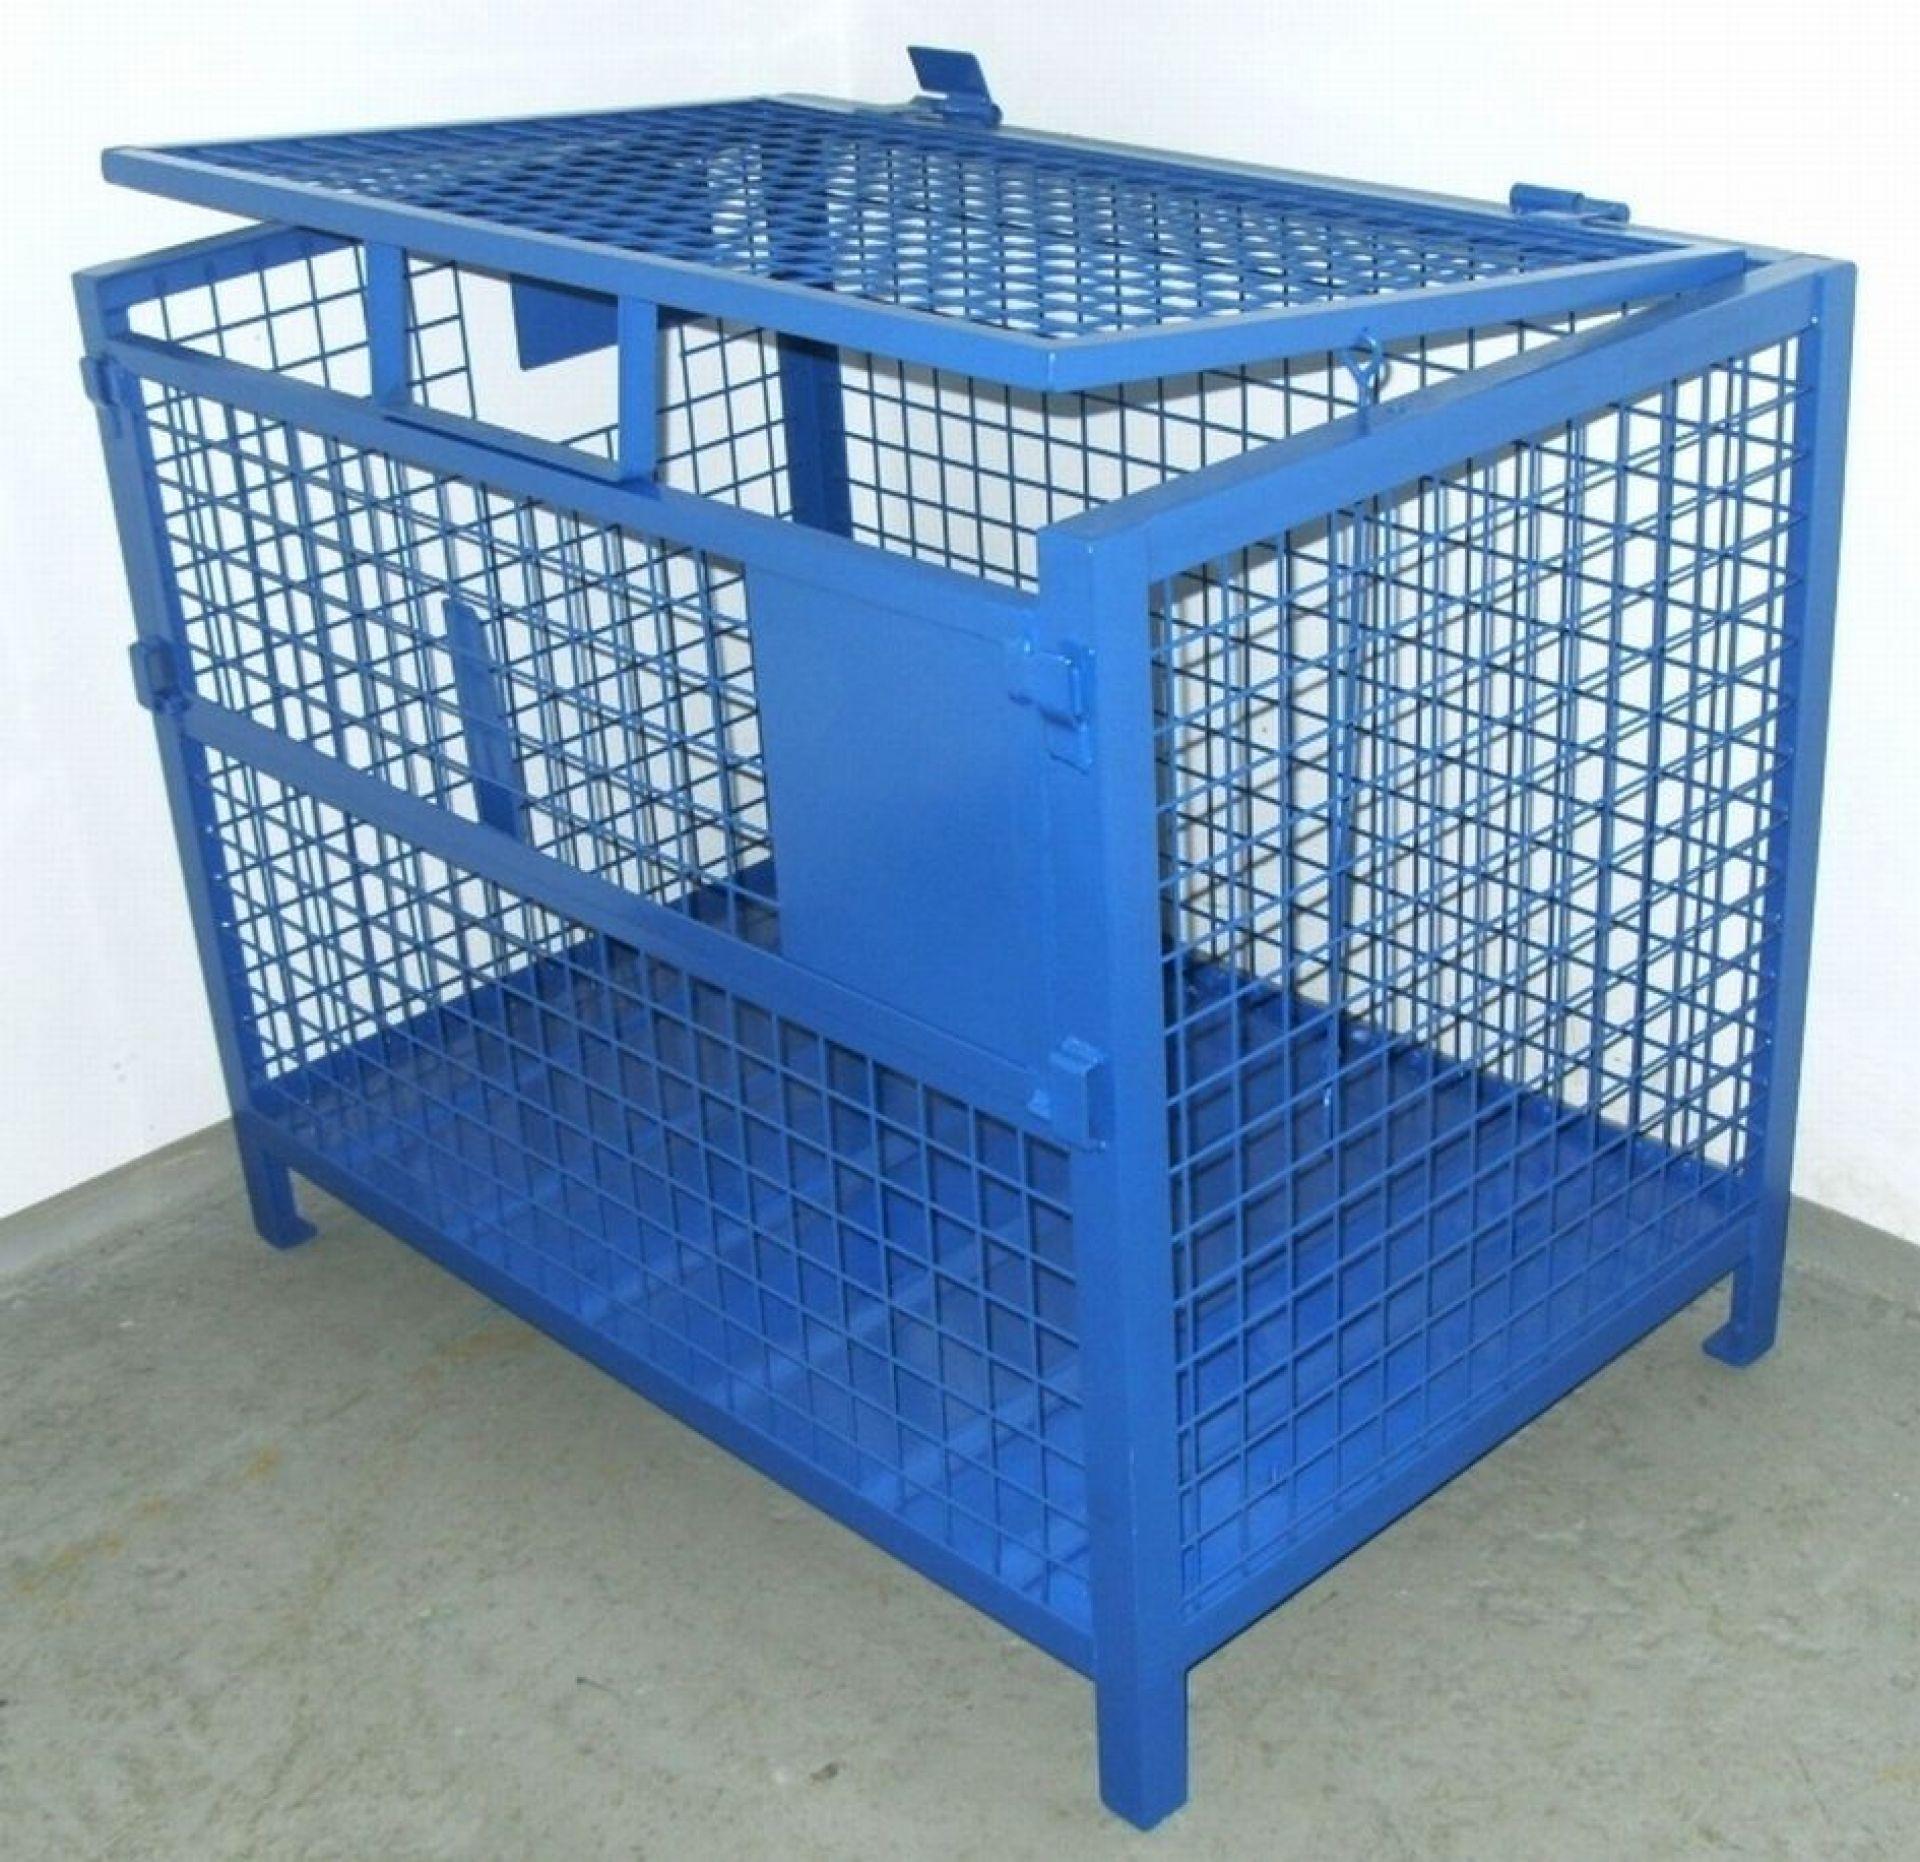 Gitterbehälter abschließbar für mobile Geräte